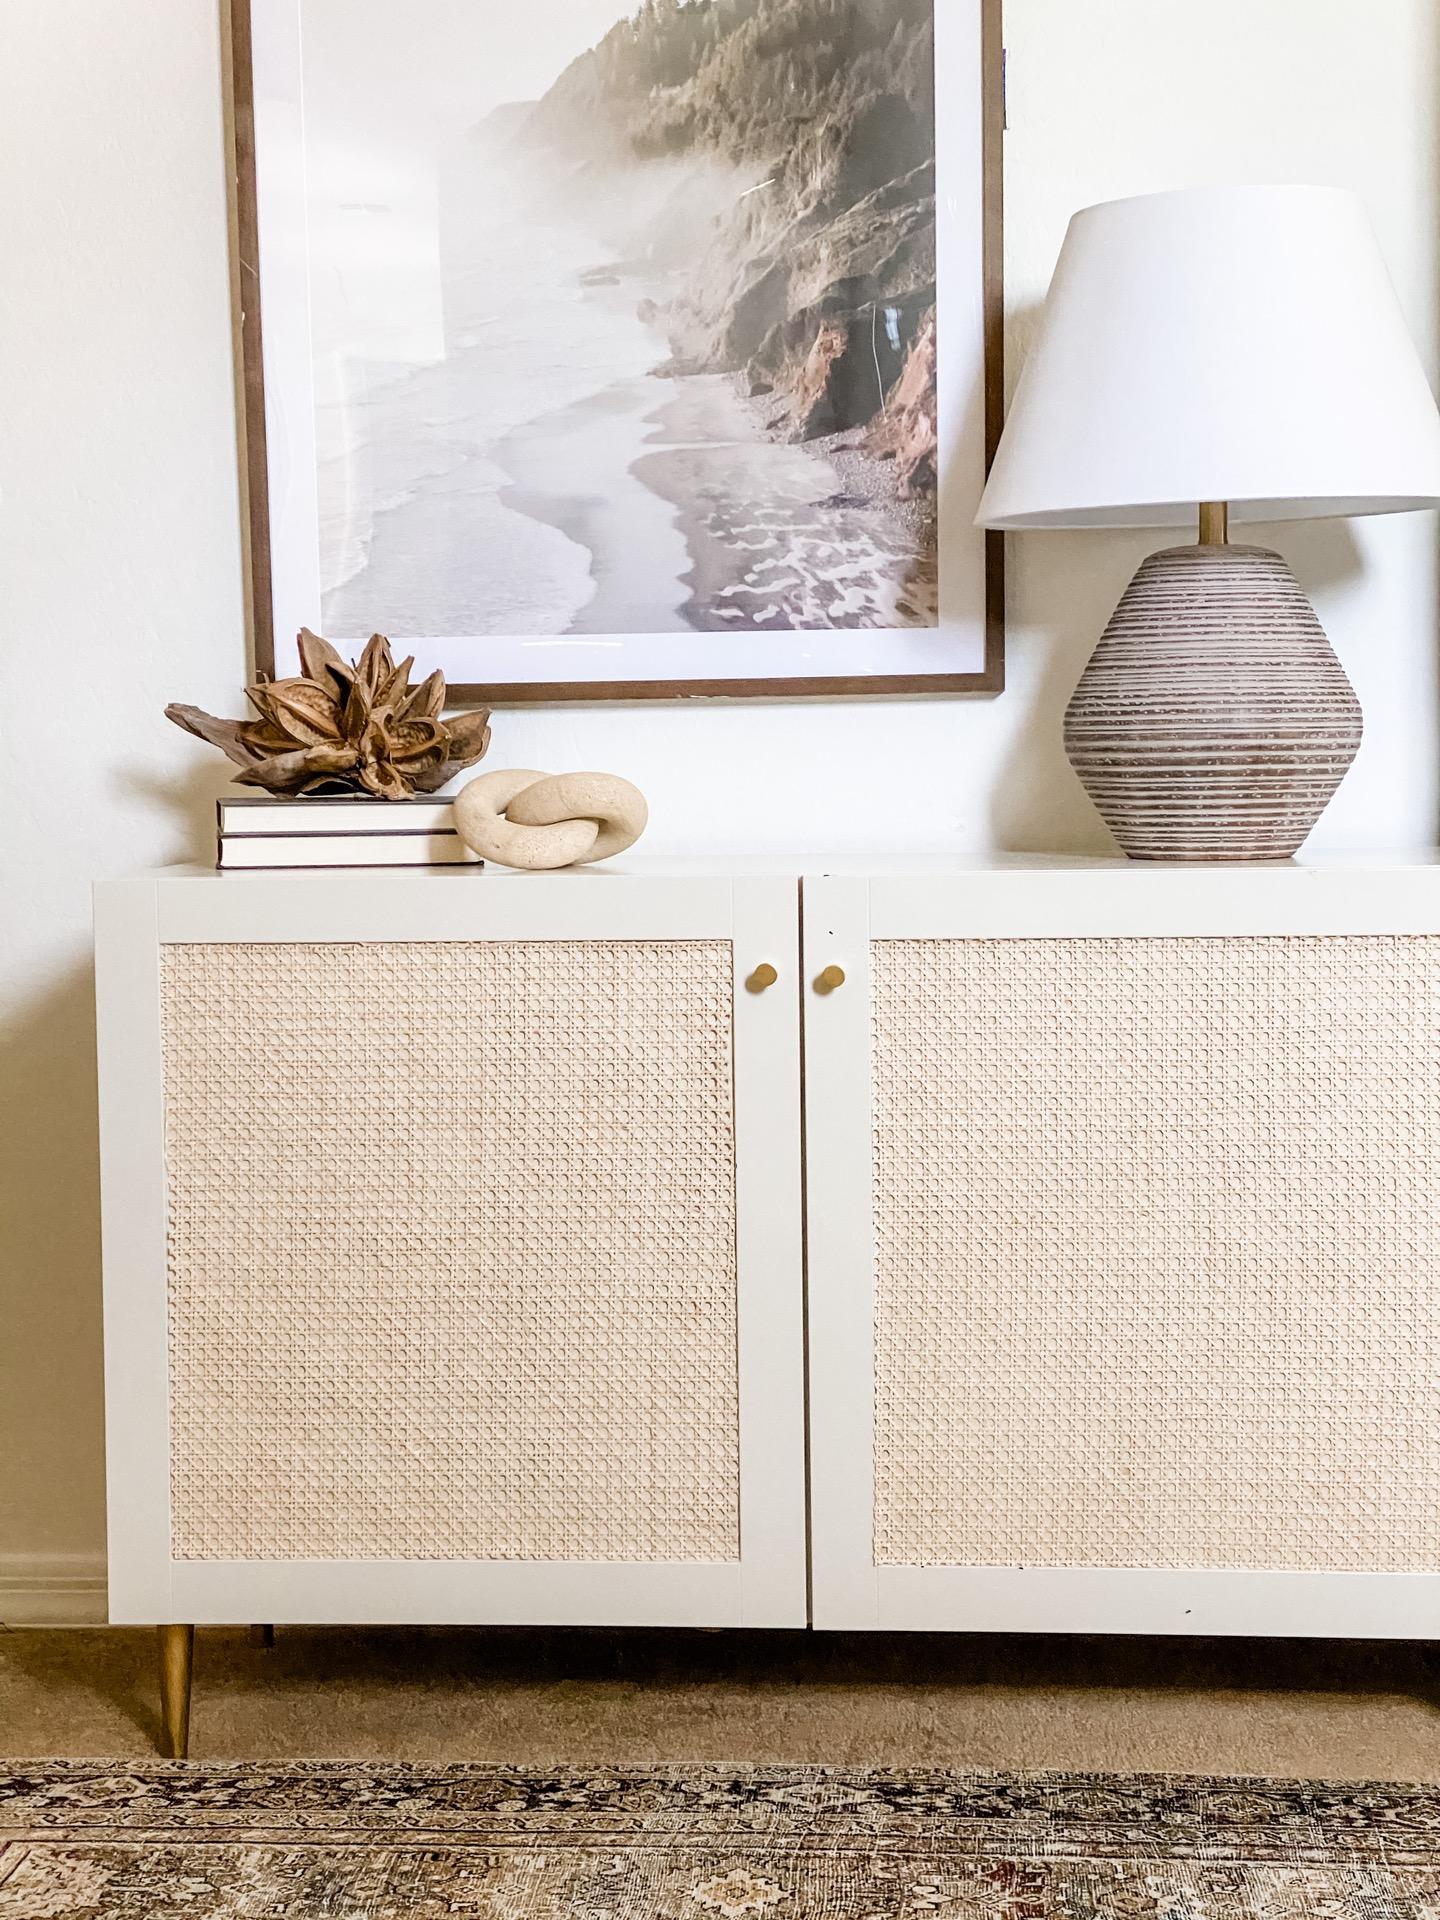 Cane Sideboard IKEA DIY Hack